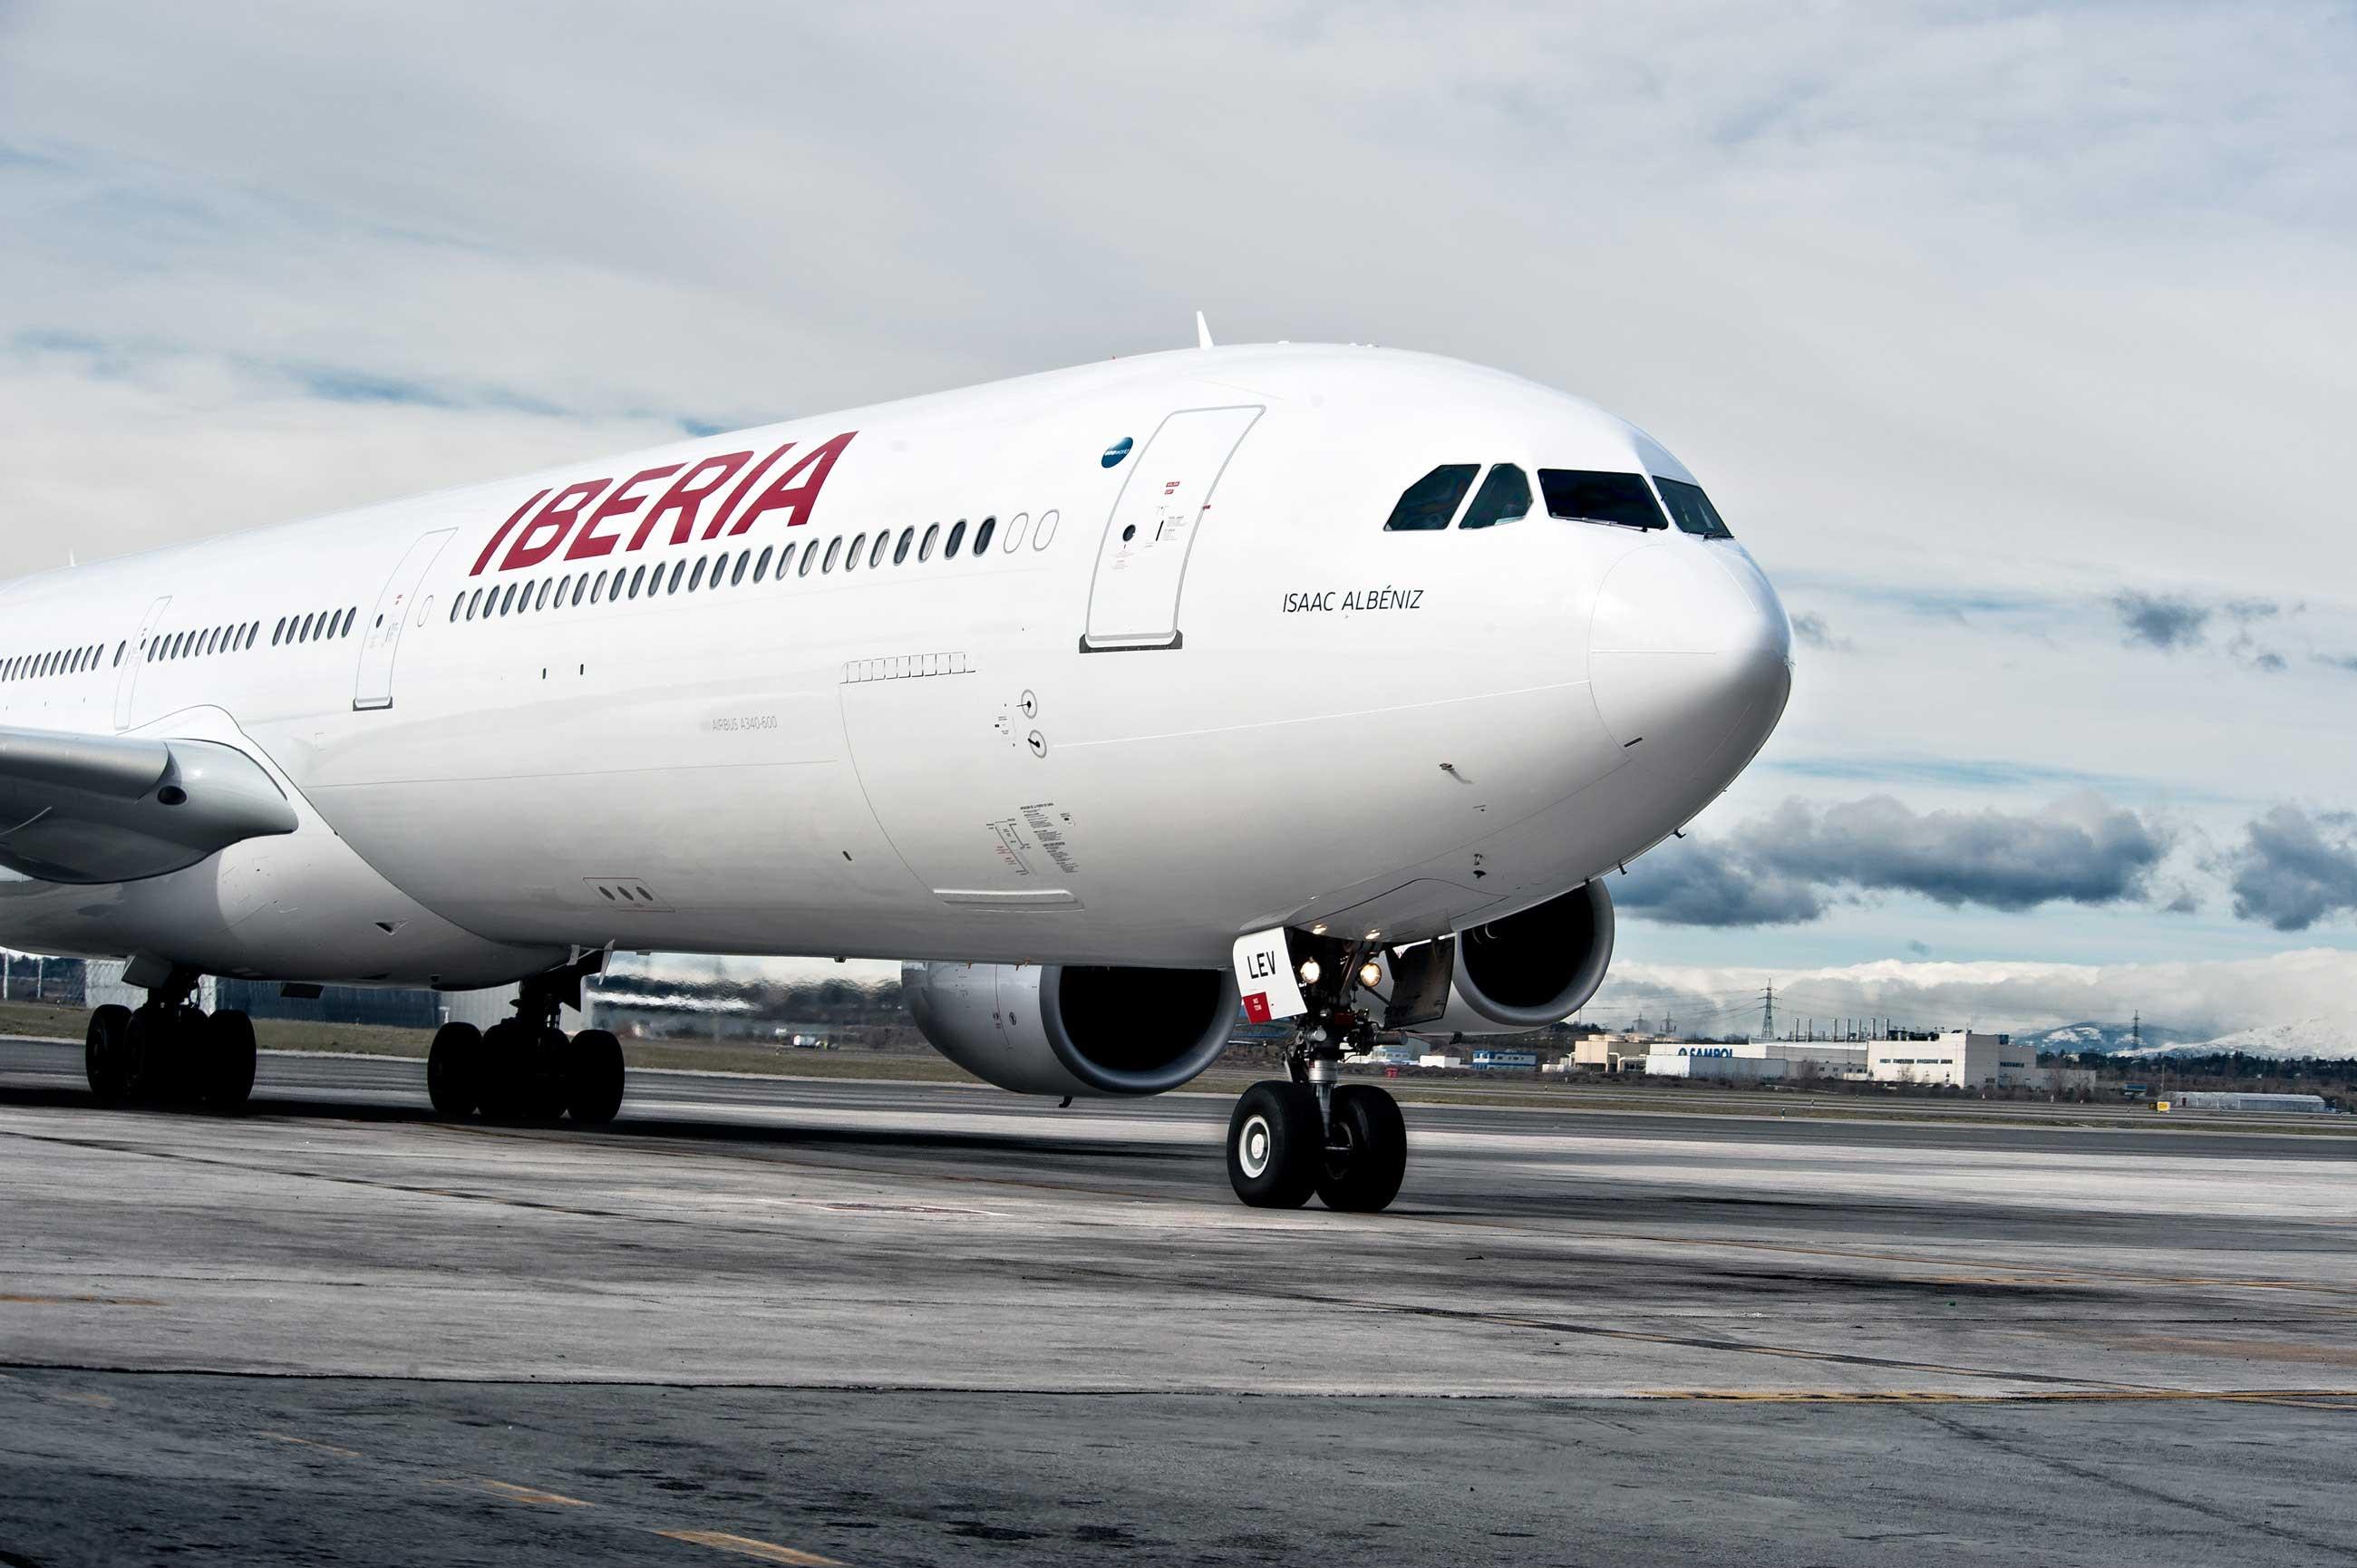 Iberia contratará pilotos por primera vez en once años